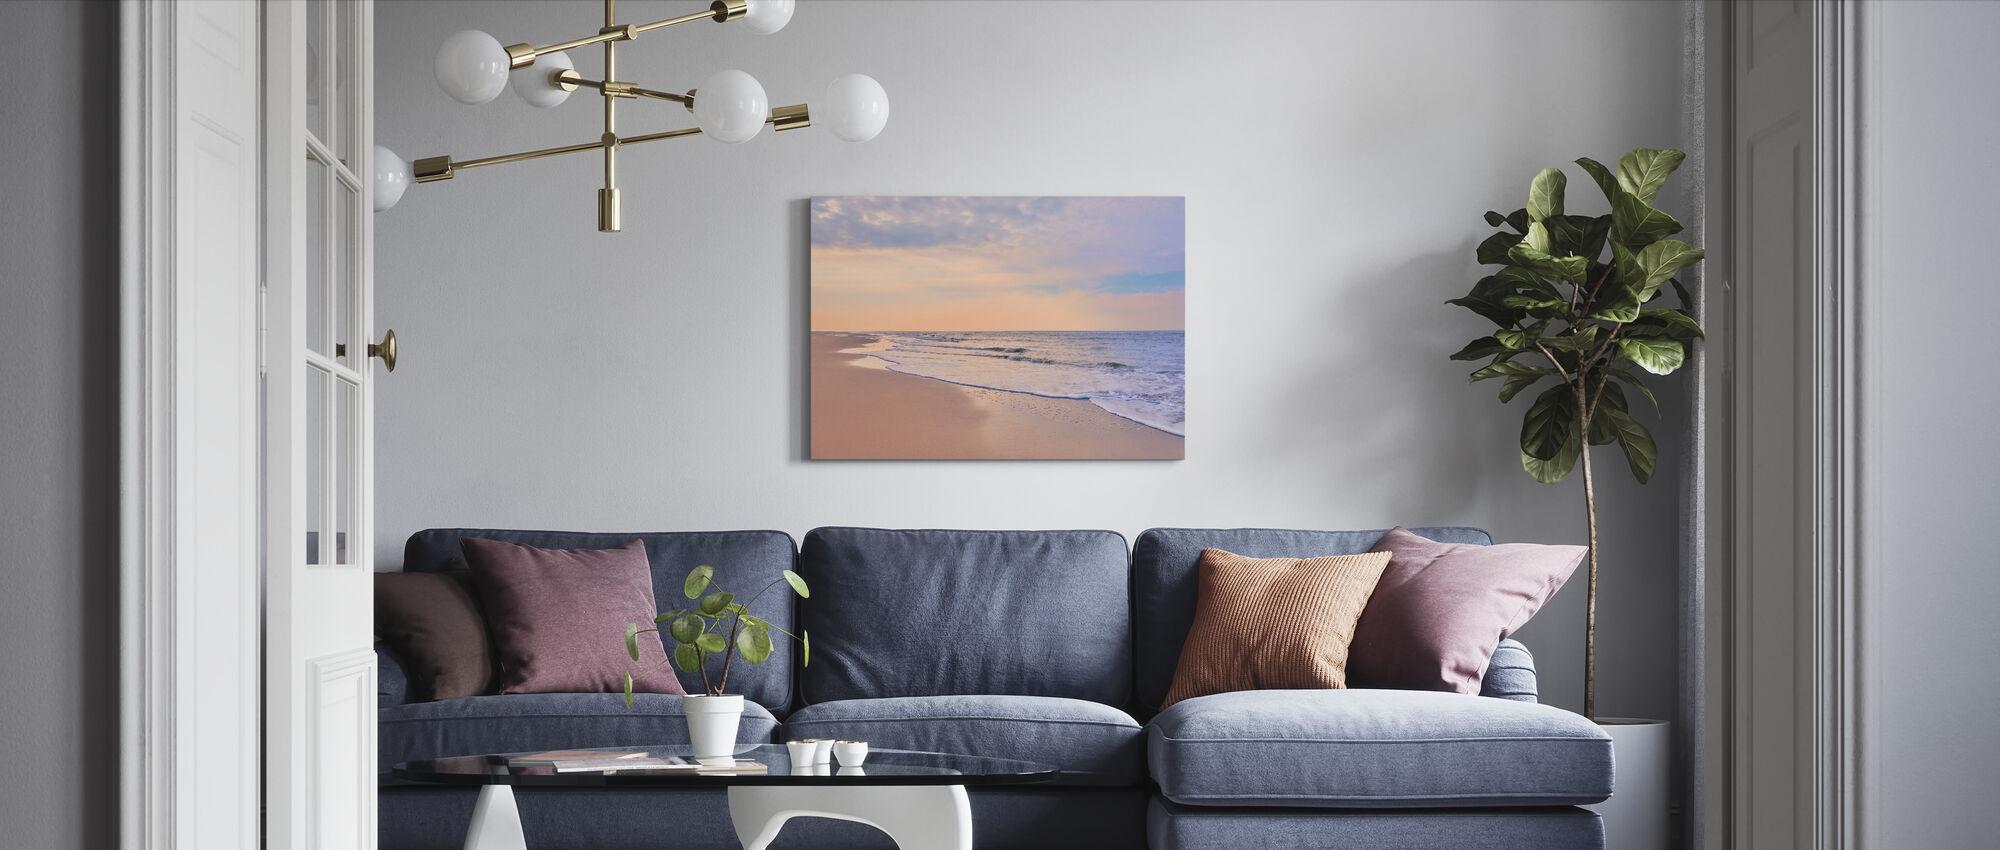 Beach at Dawn - Canvas print - Living Room